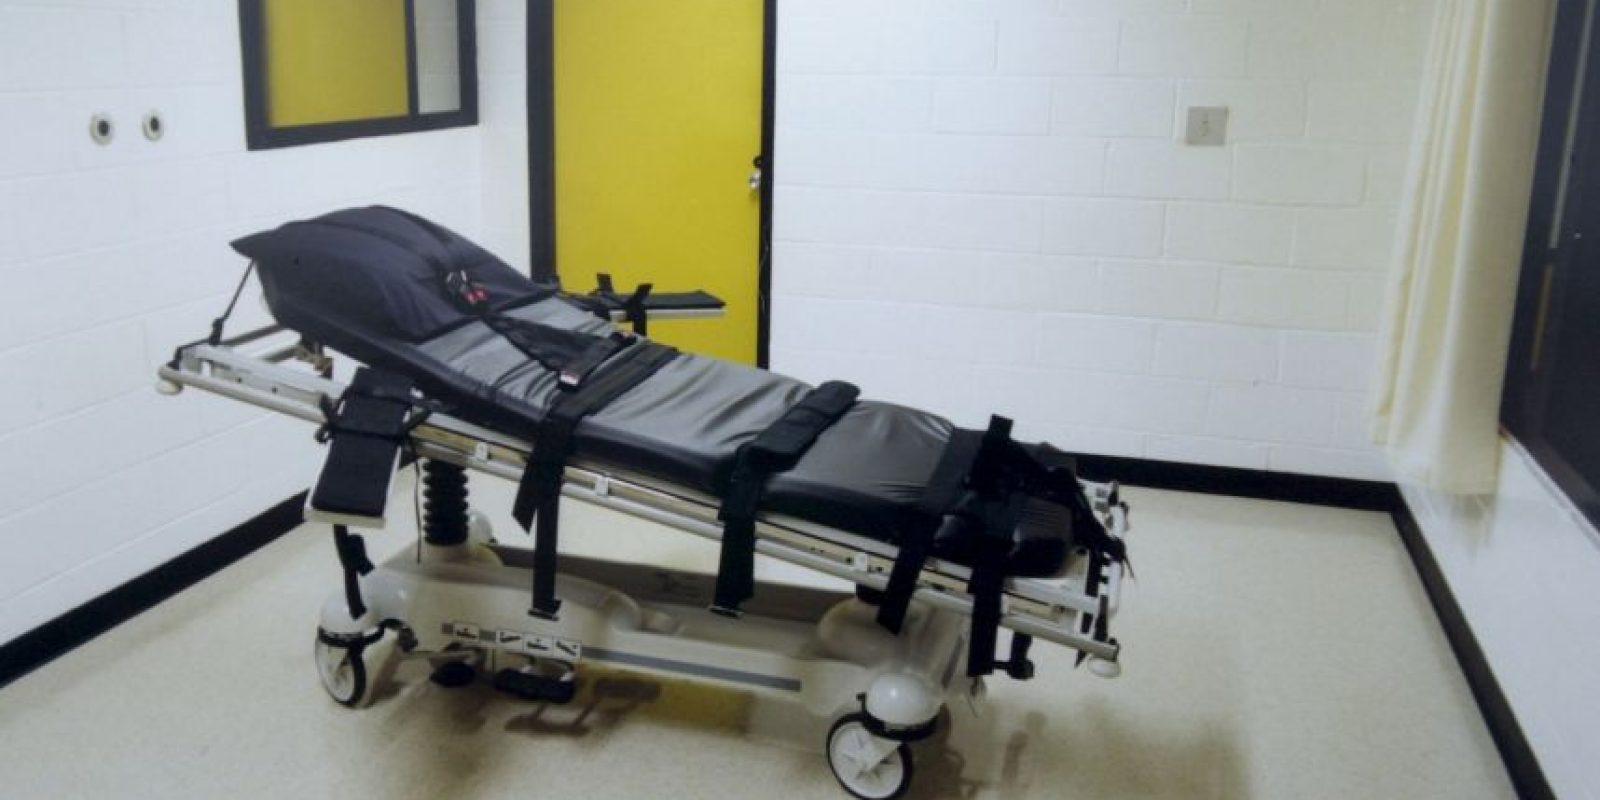 El procedimiento es similar al utilizado en un hospital para administrar una anestesia general, pero los productos son inyectados en cantidades letales. Foto:Getty Images